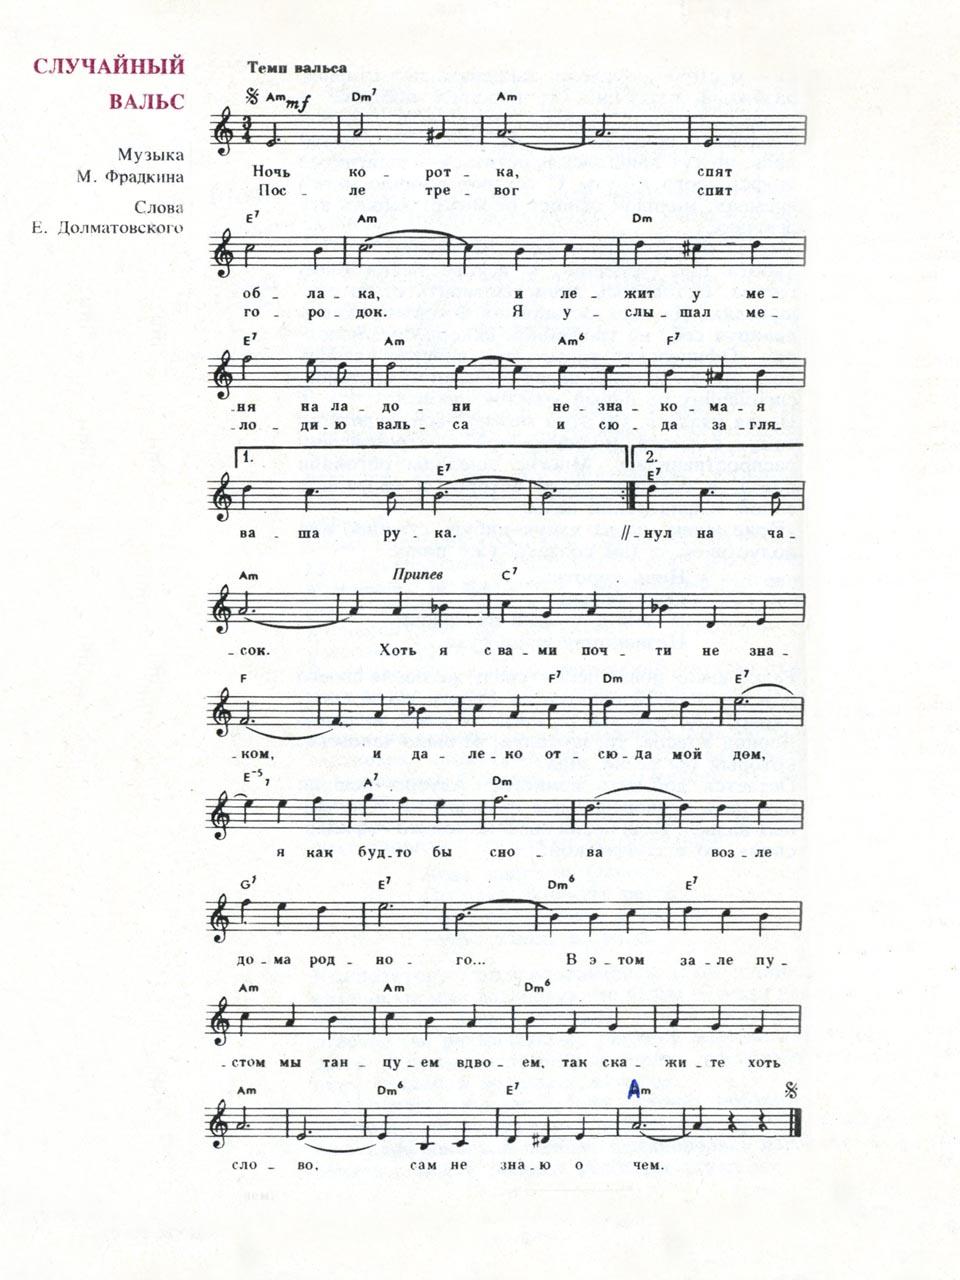 М. Фрадкин, Е. Долматовский. Случайный вальс. Ноты для голоса и аккорды